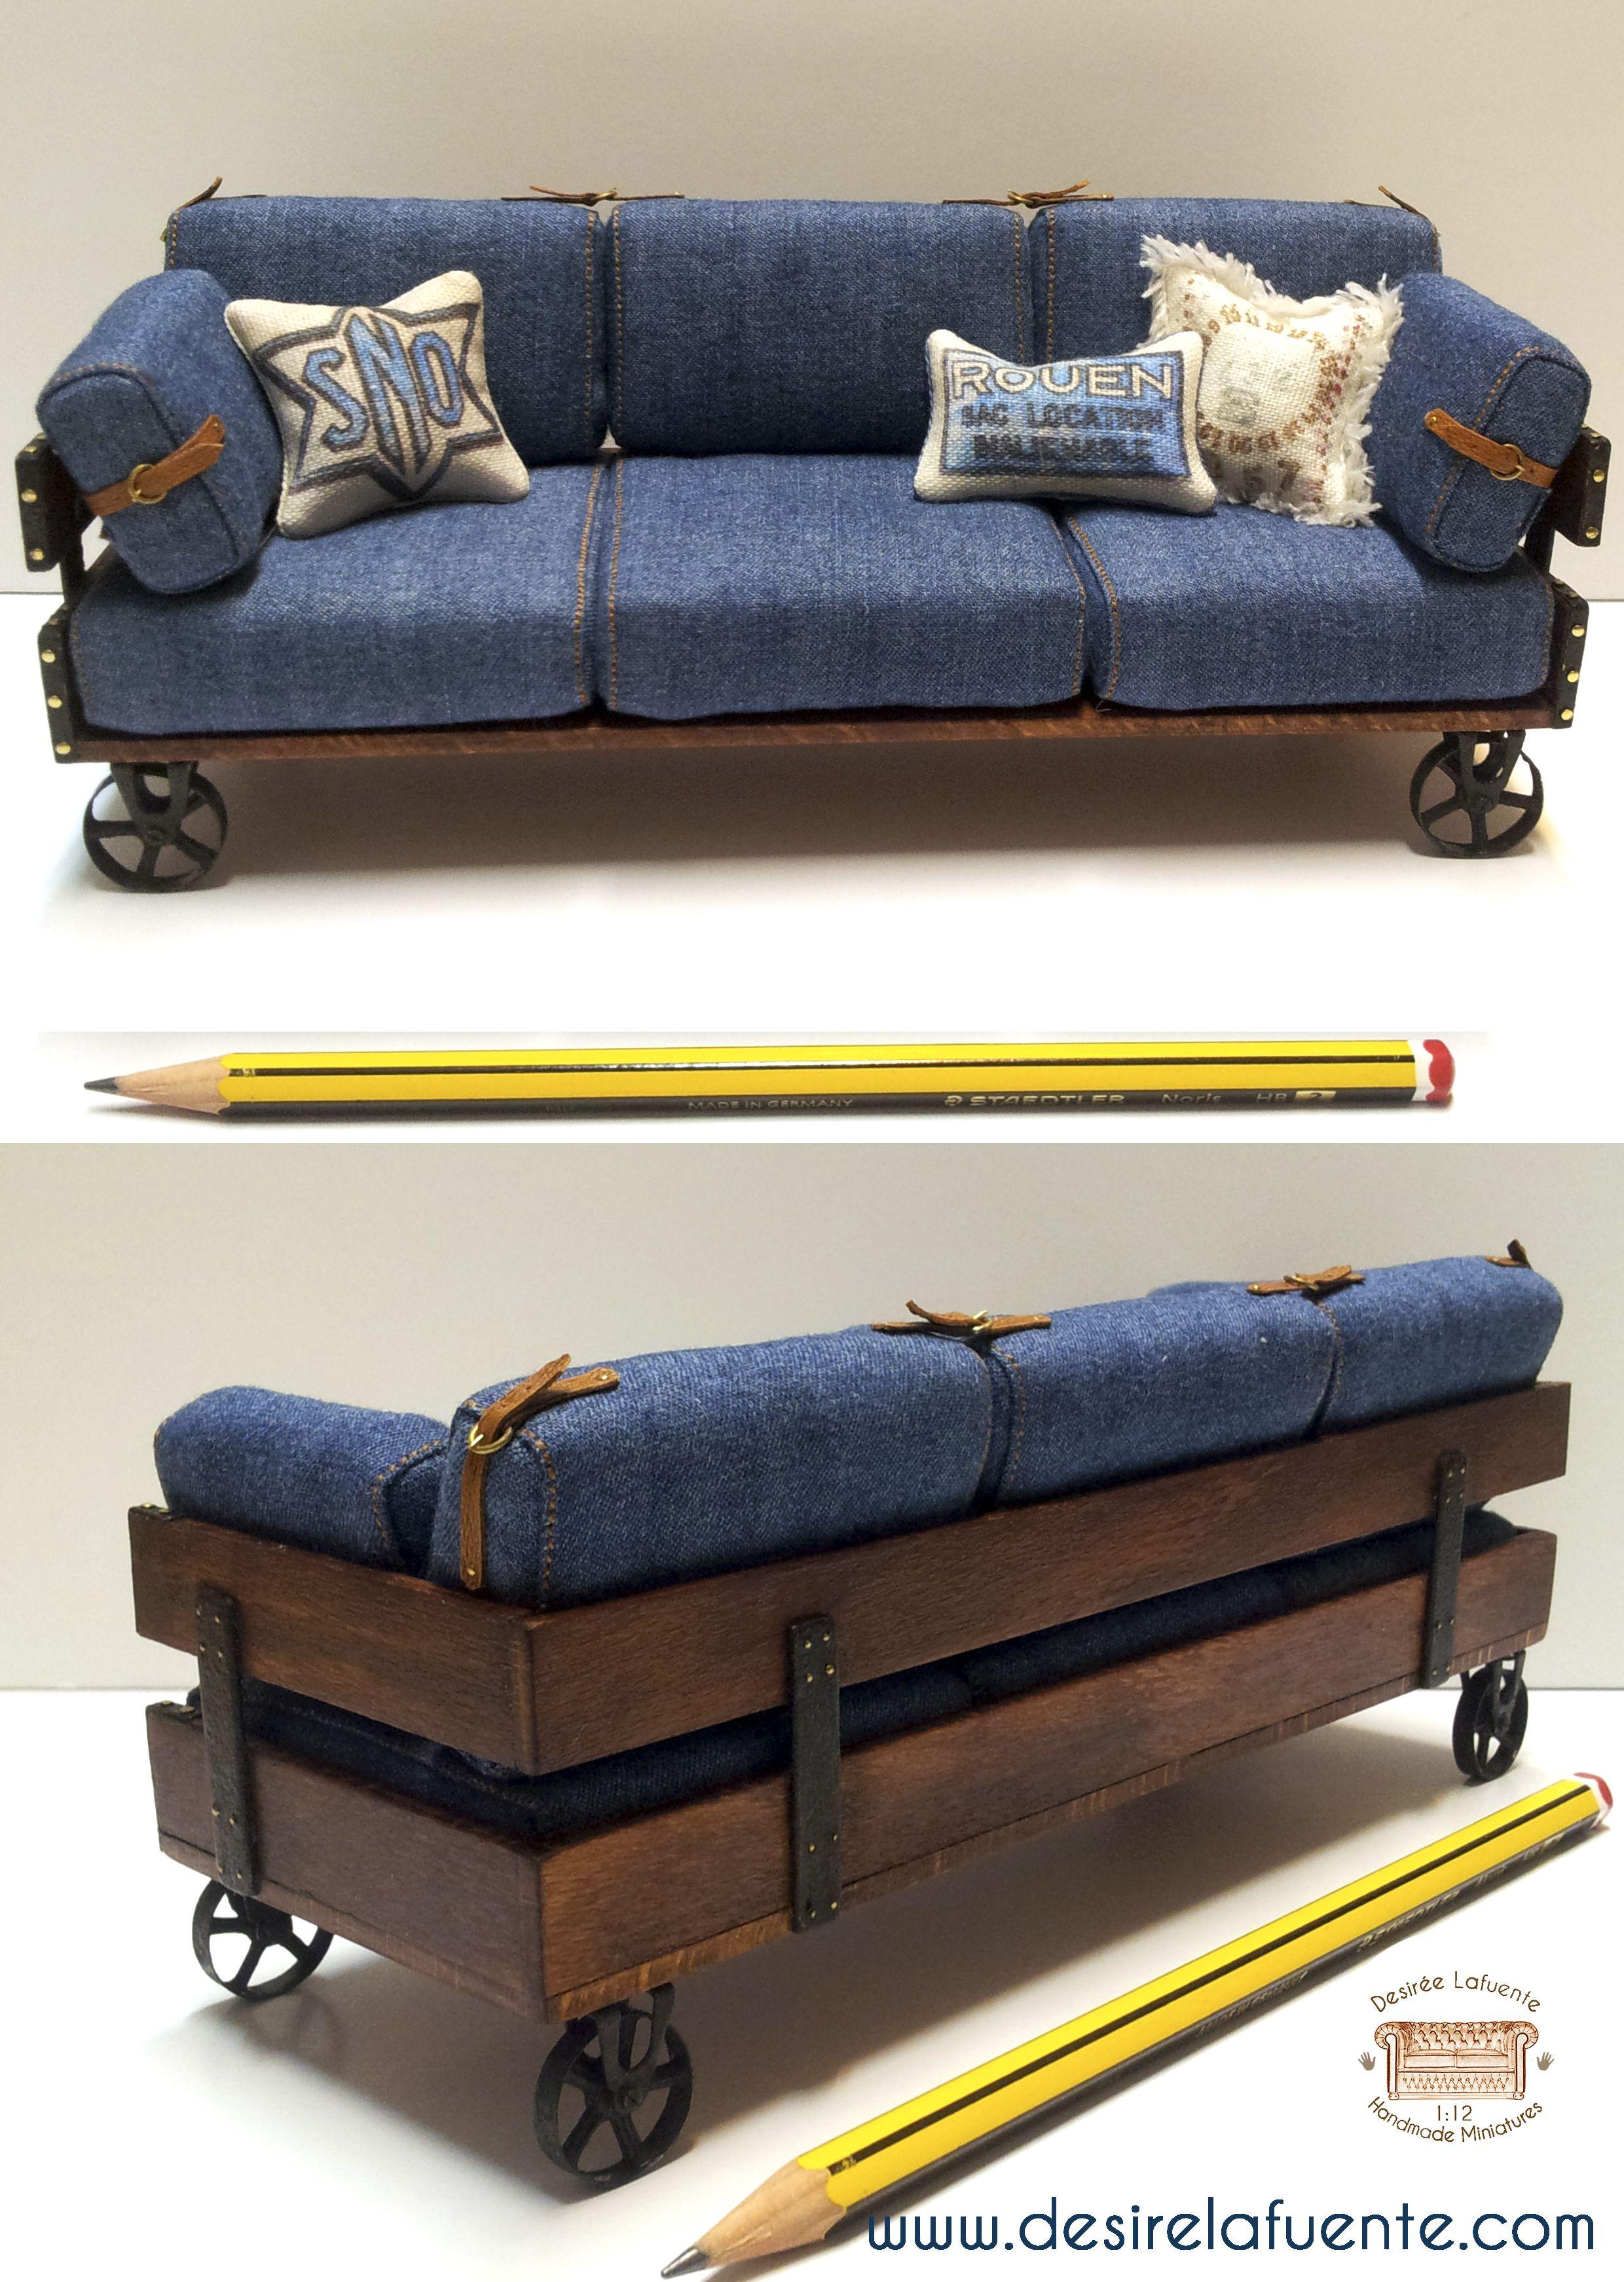 1:12 scale sofa. MATERIALES: Madera de Haya - Tejido Jeans - Metal ...